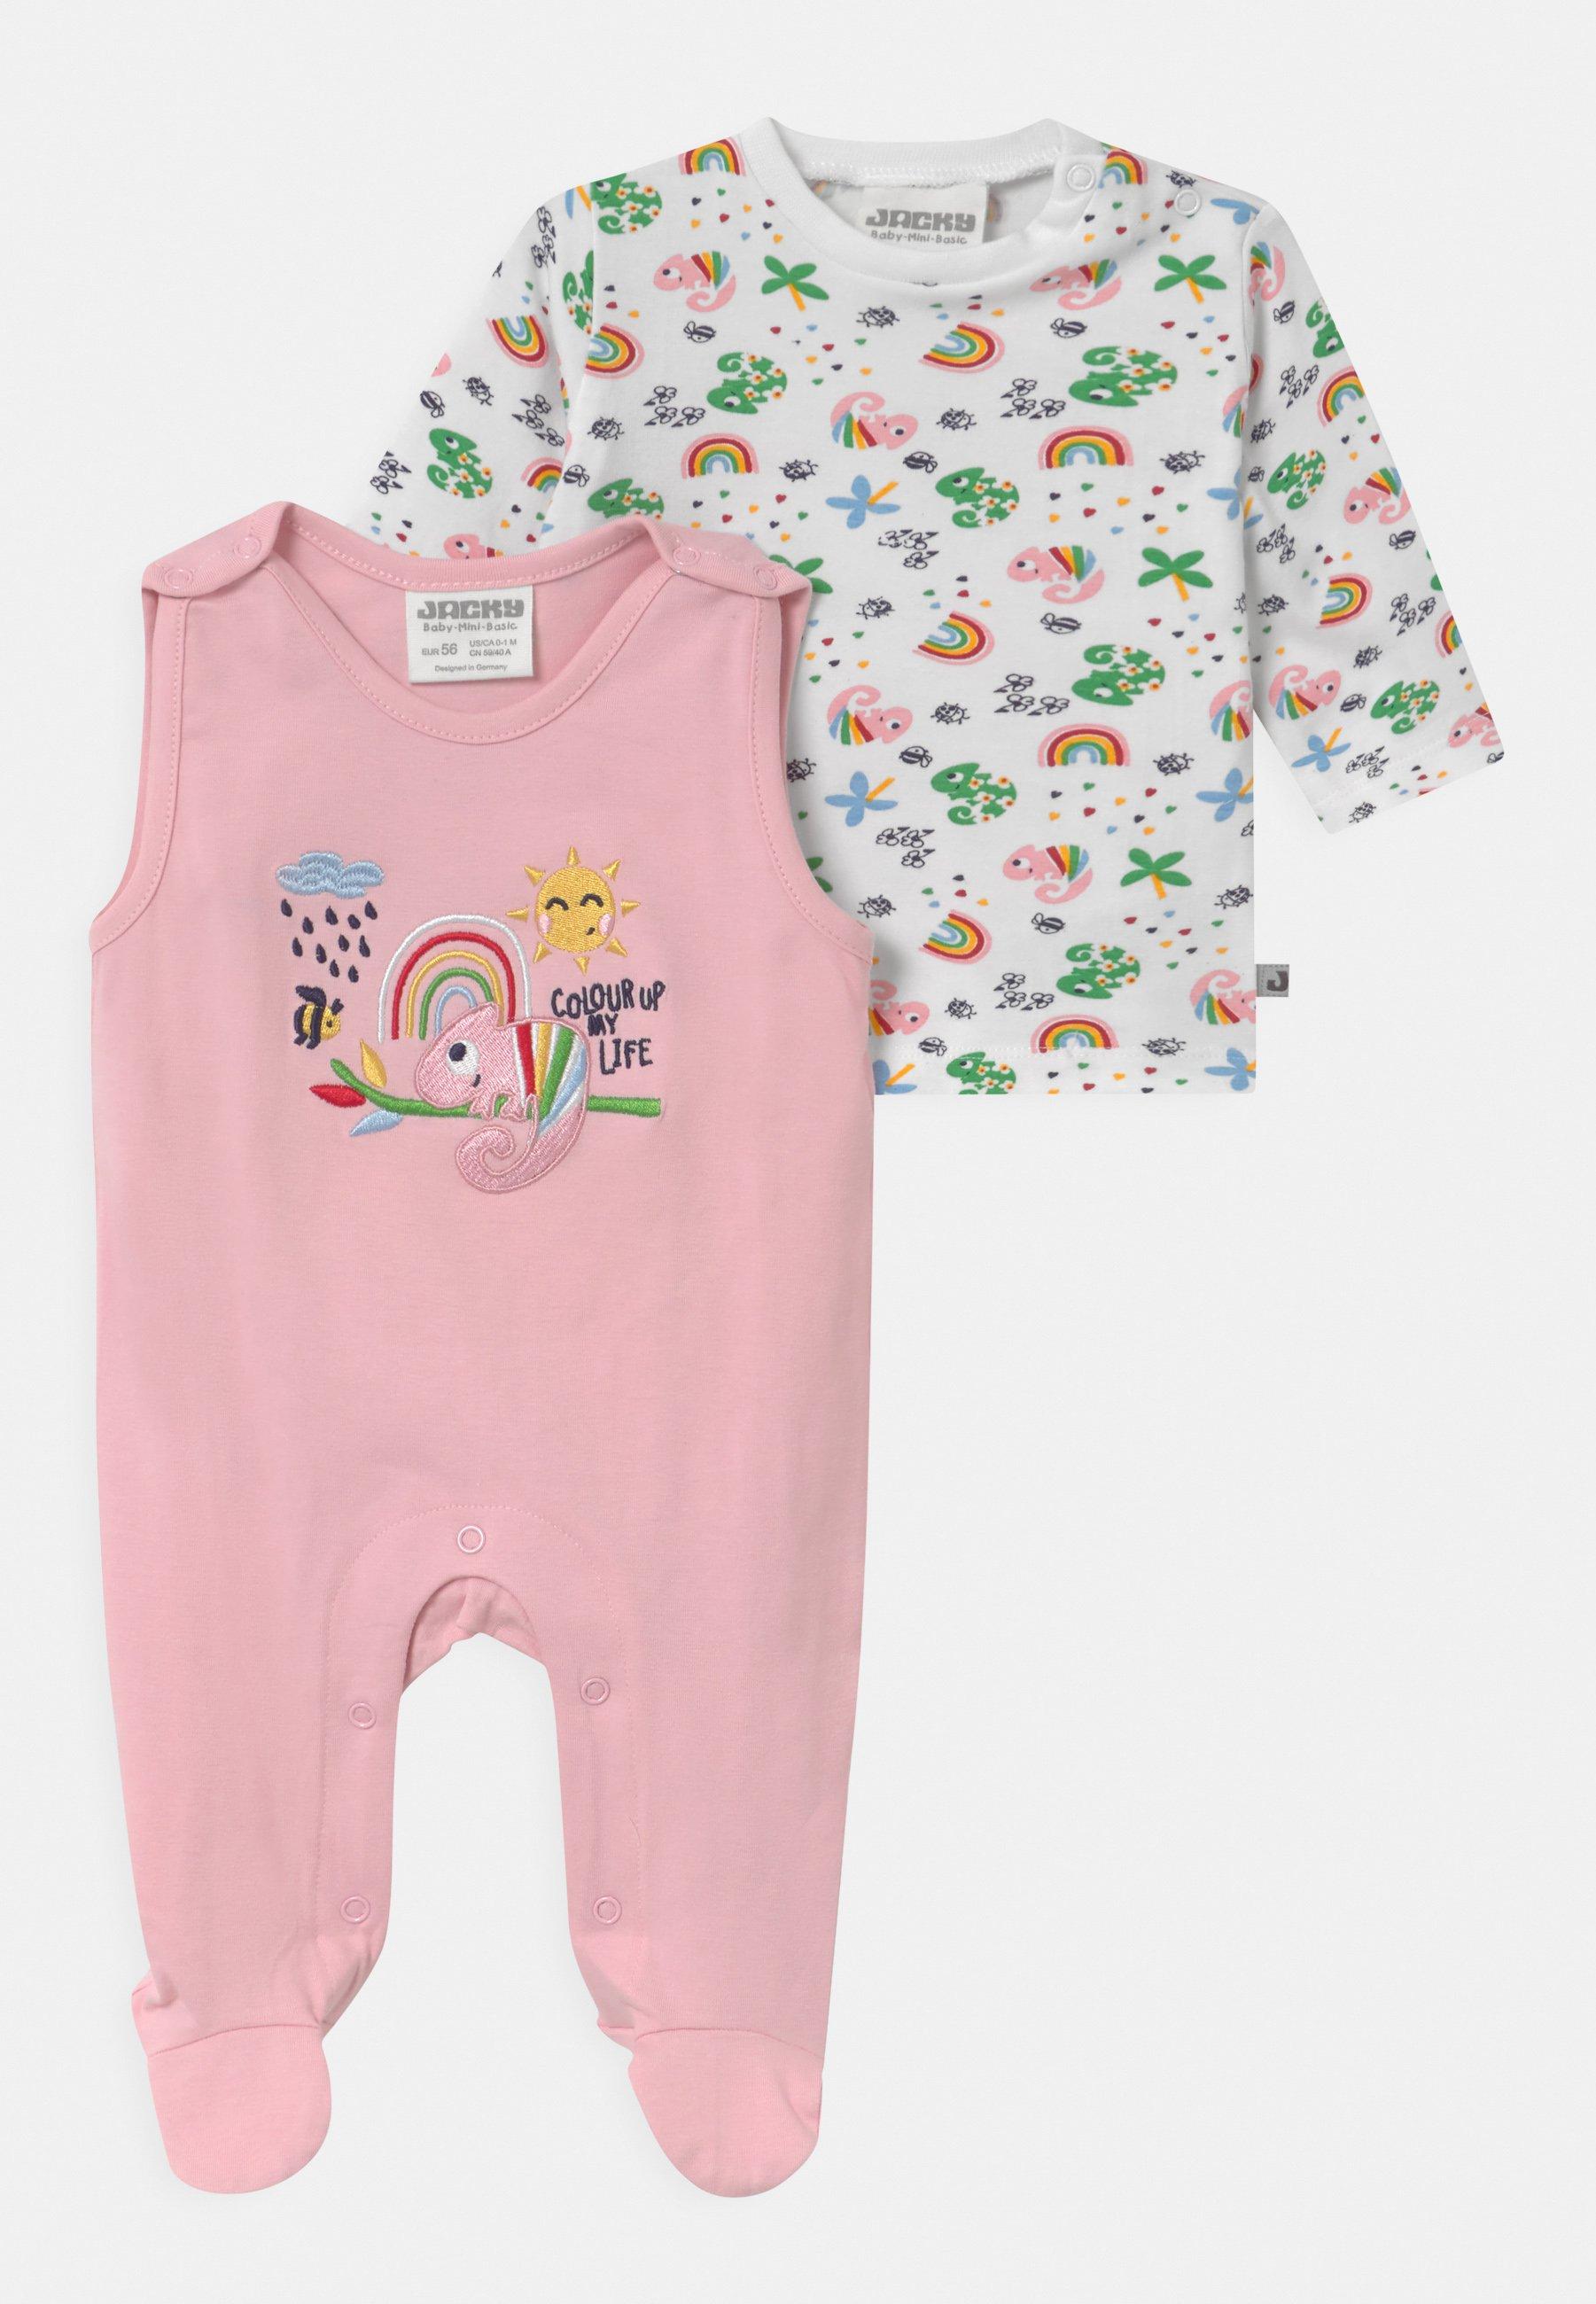 Kids COLOUR UP MY LIFE - Pyjama top